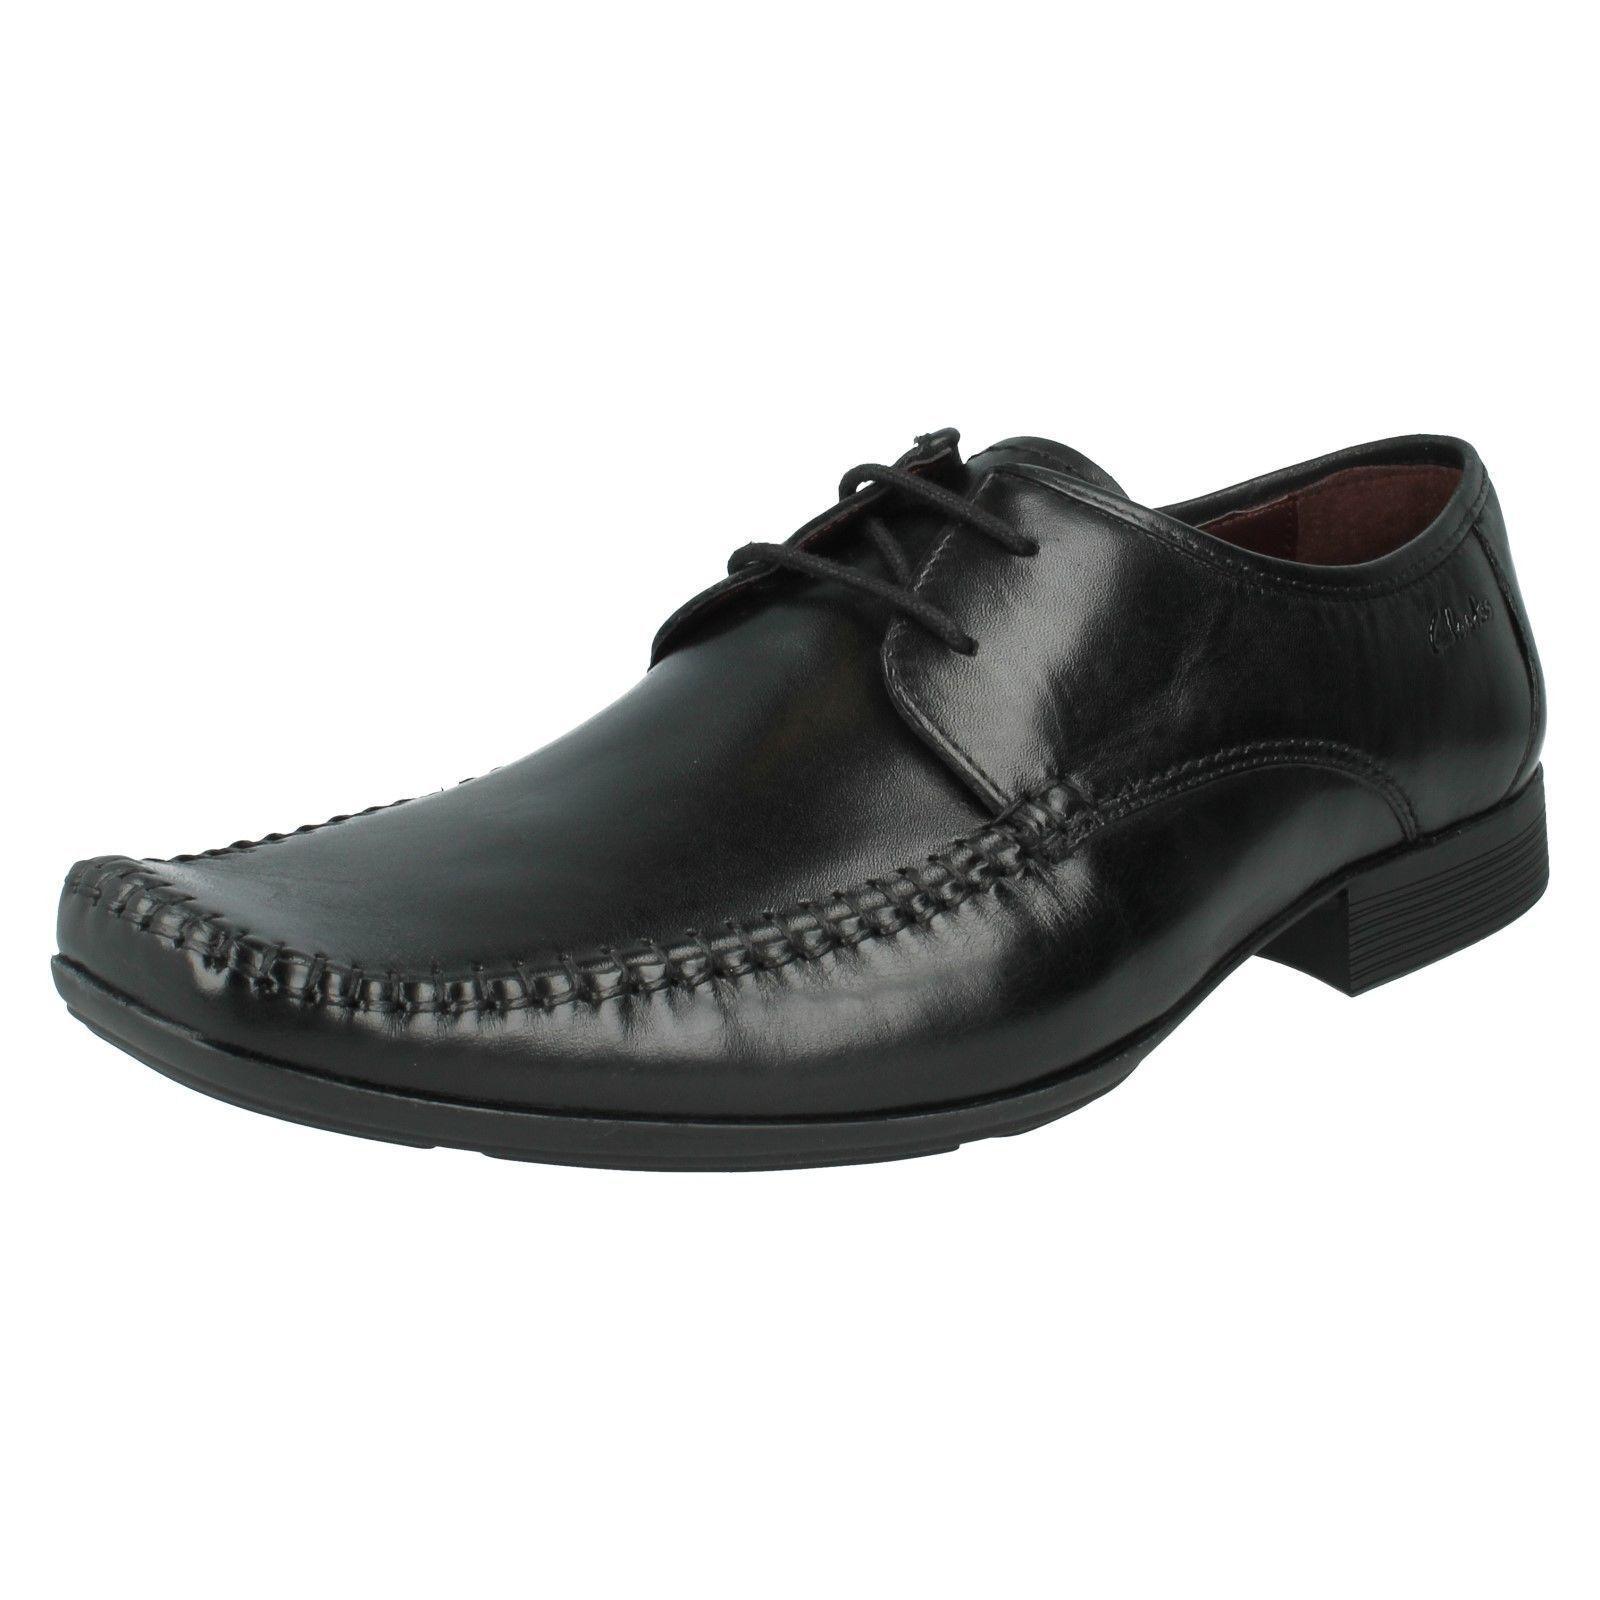 nuovo di marca Da Uomo Clarks Nero Pelle Pelle Pelle Stringati Scarpe G dimensioni raccordo 10 FERRO Passeggiata  per il commercio all'ingrosso